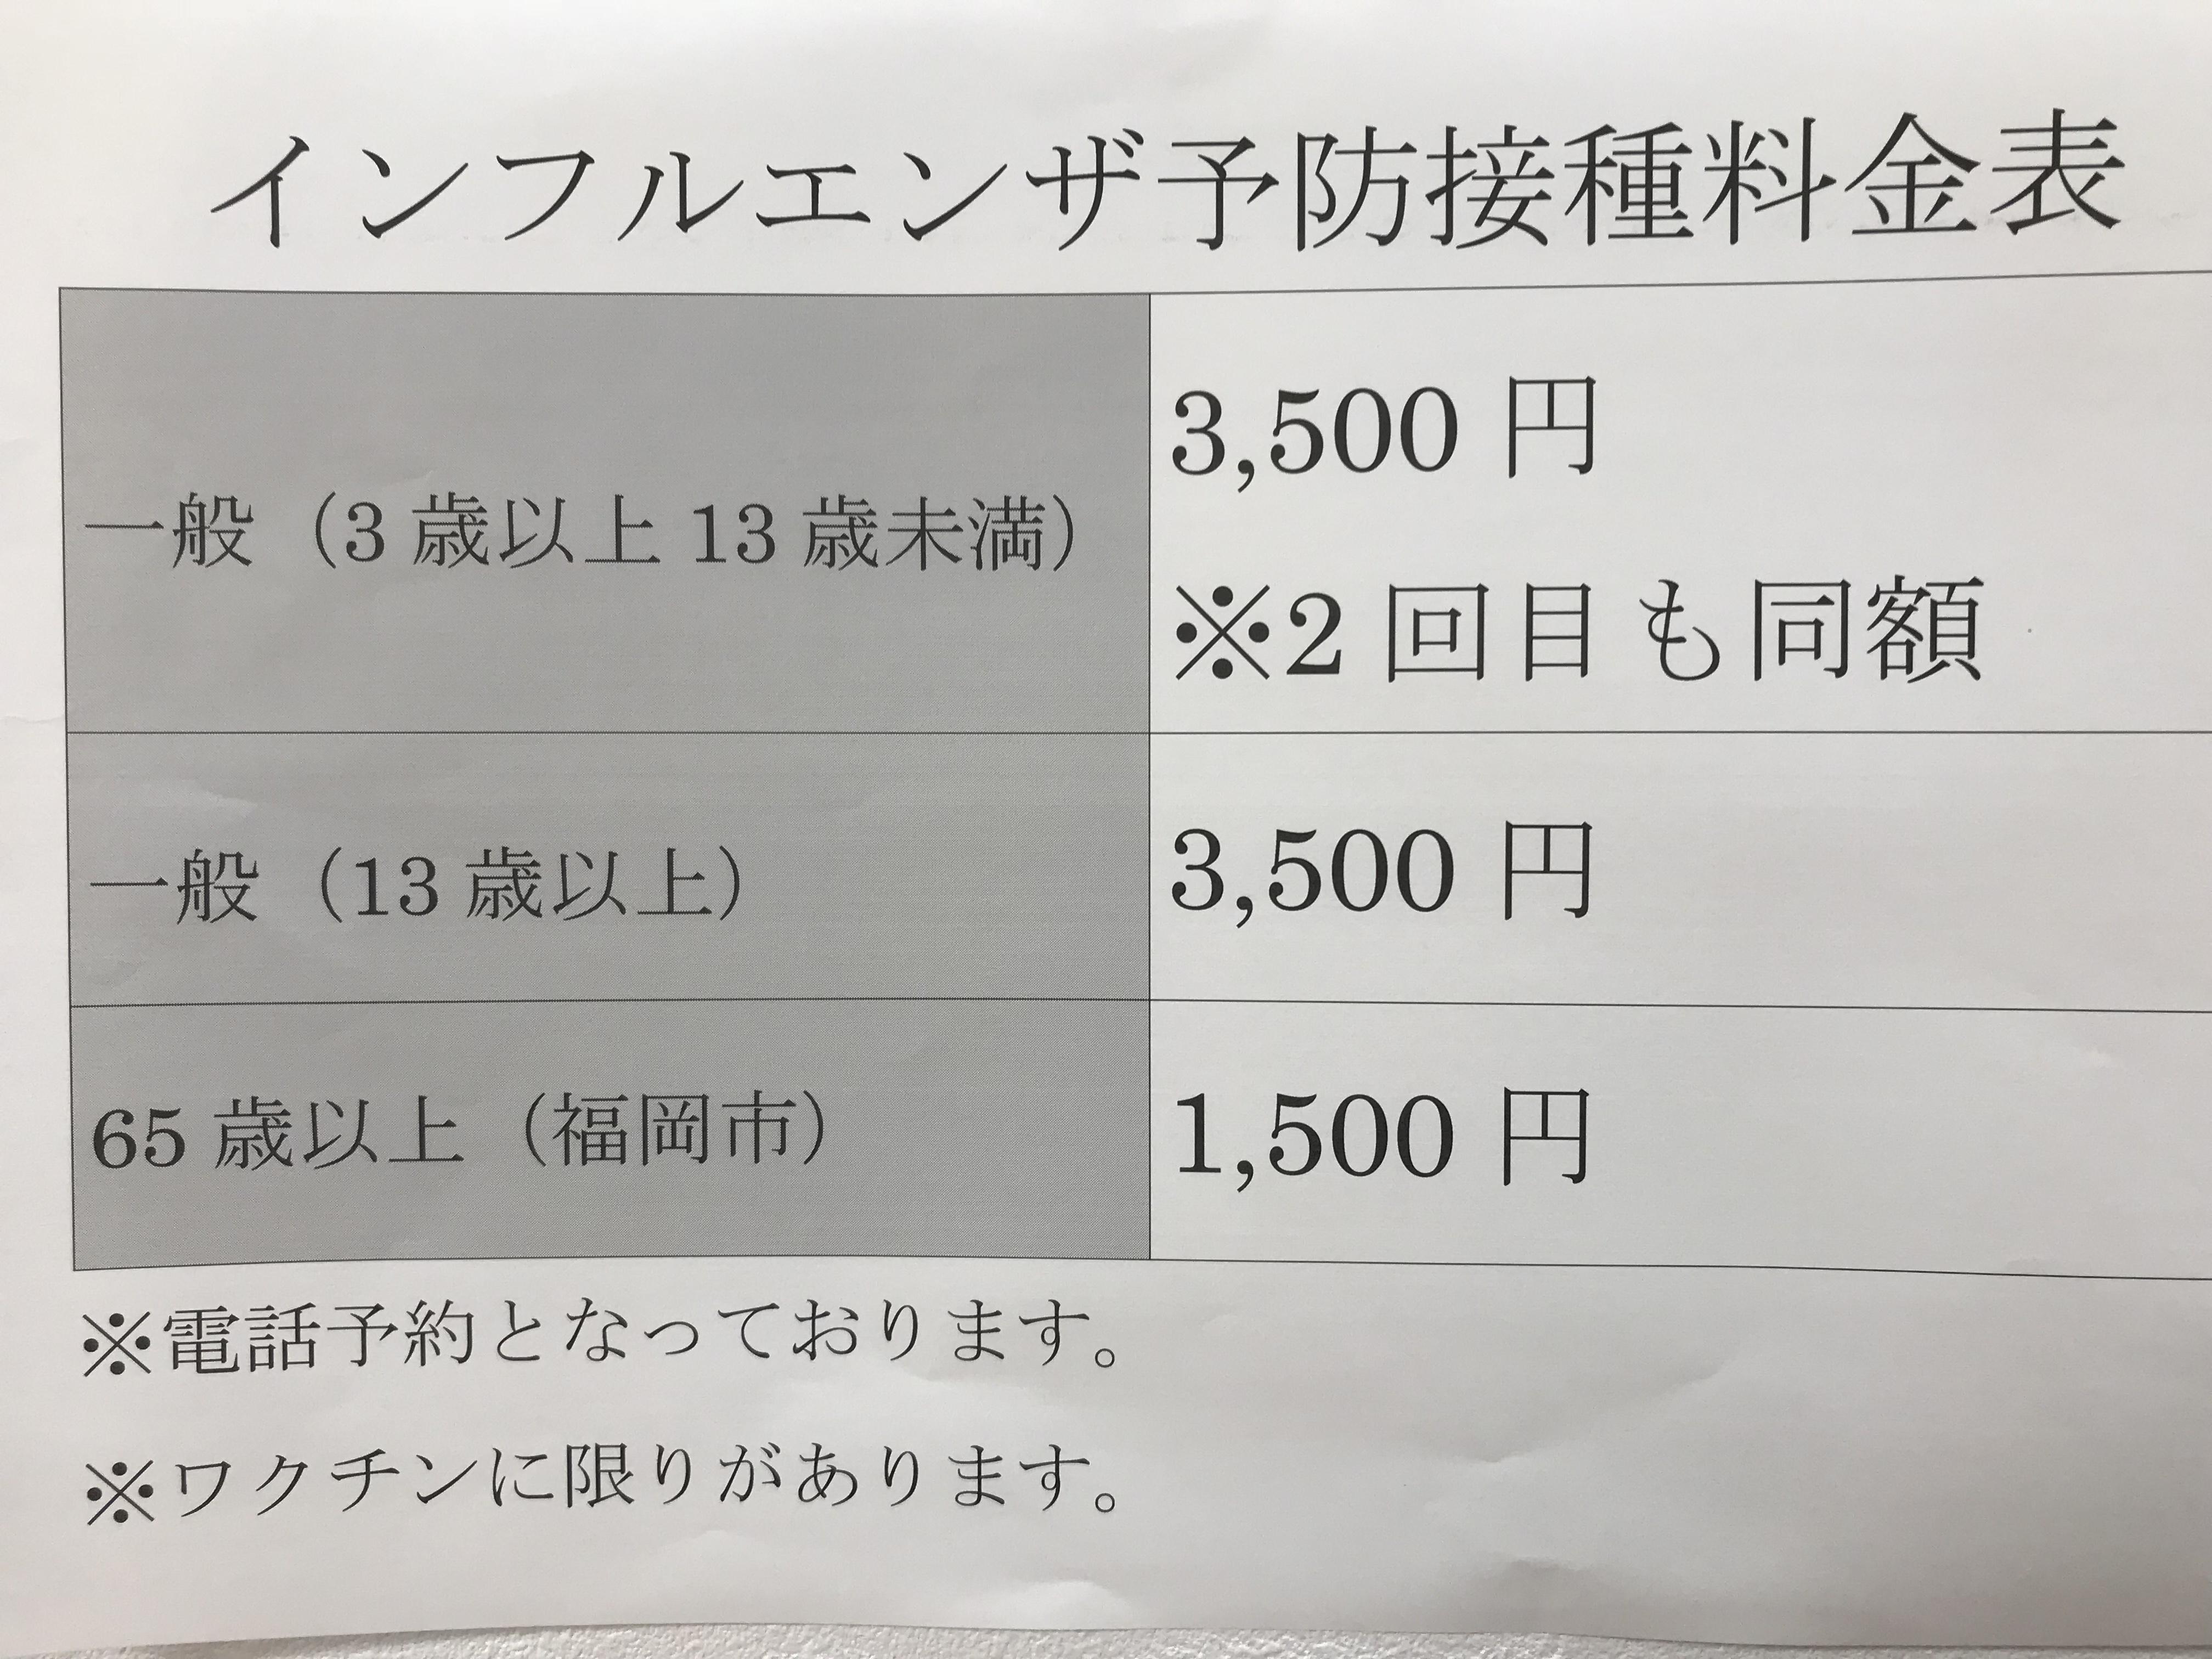 ワクチン 金額 インフルエンザ